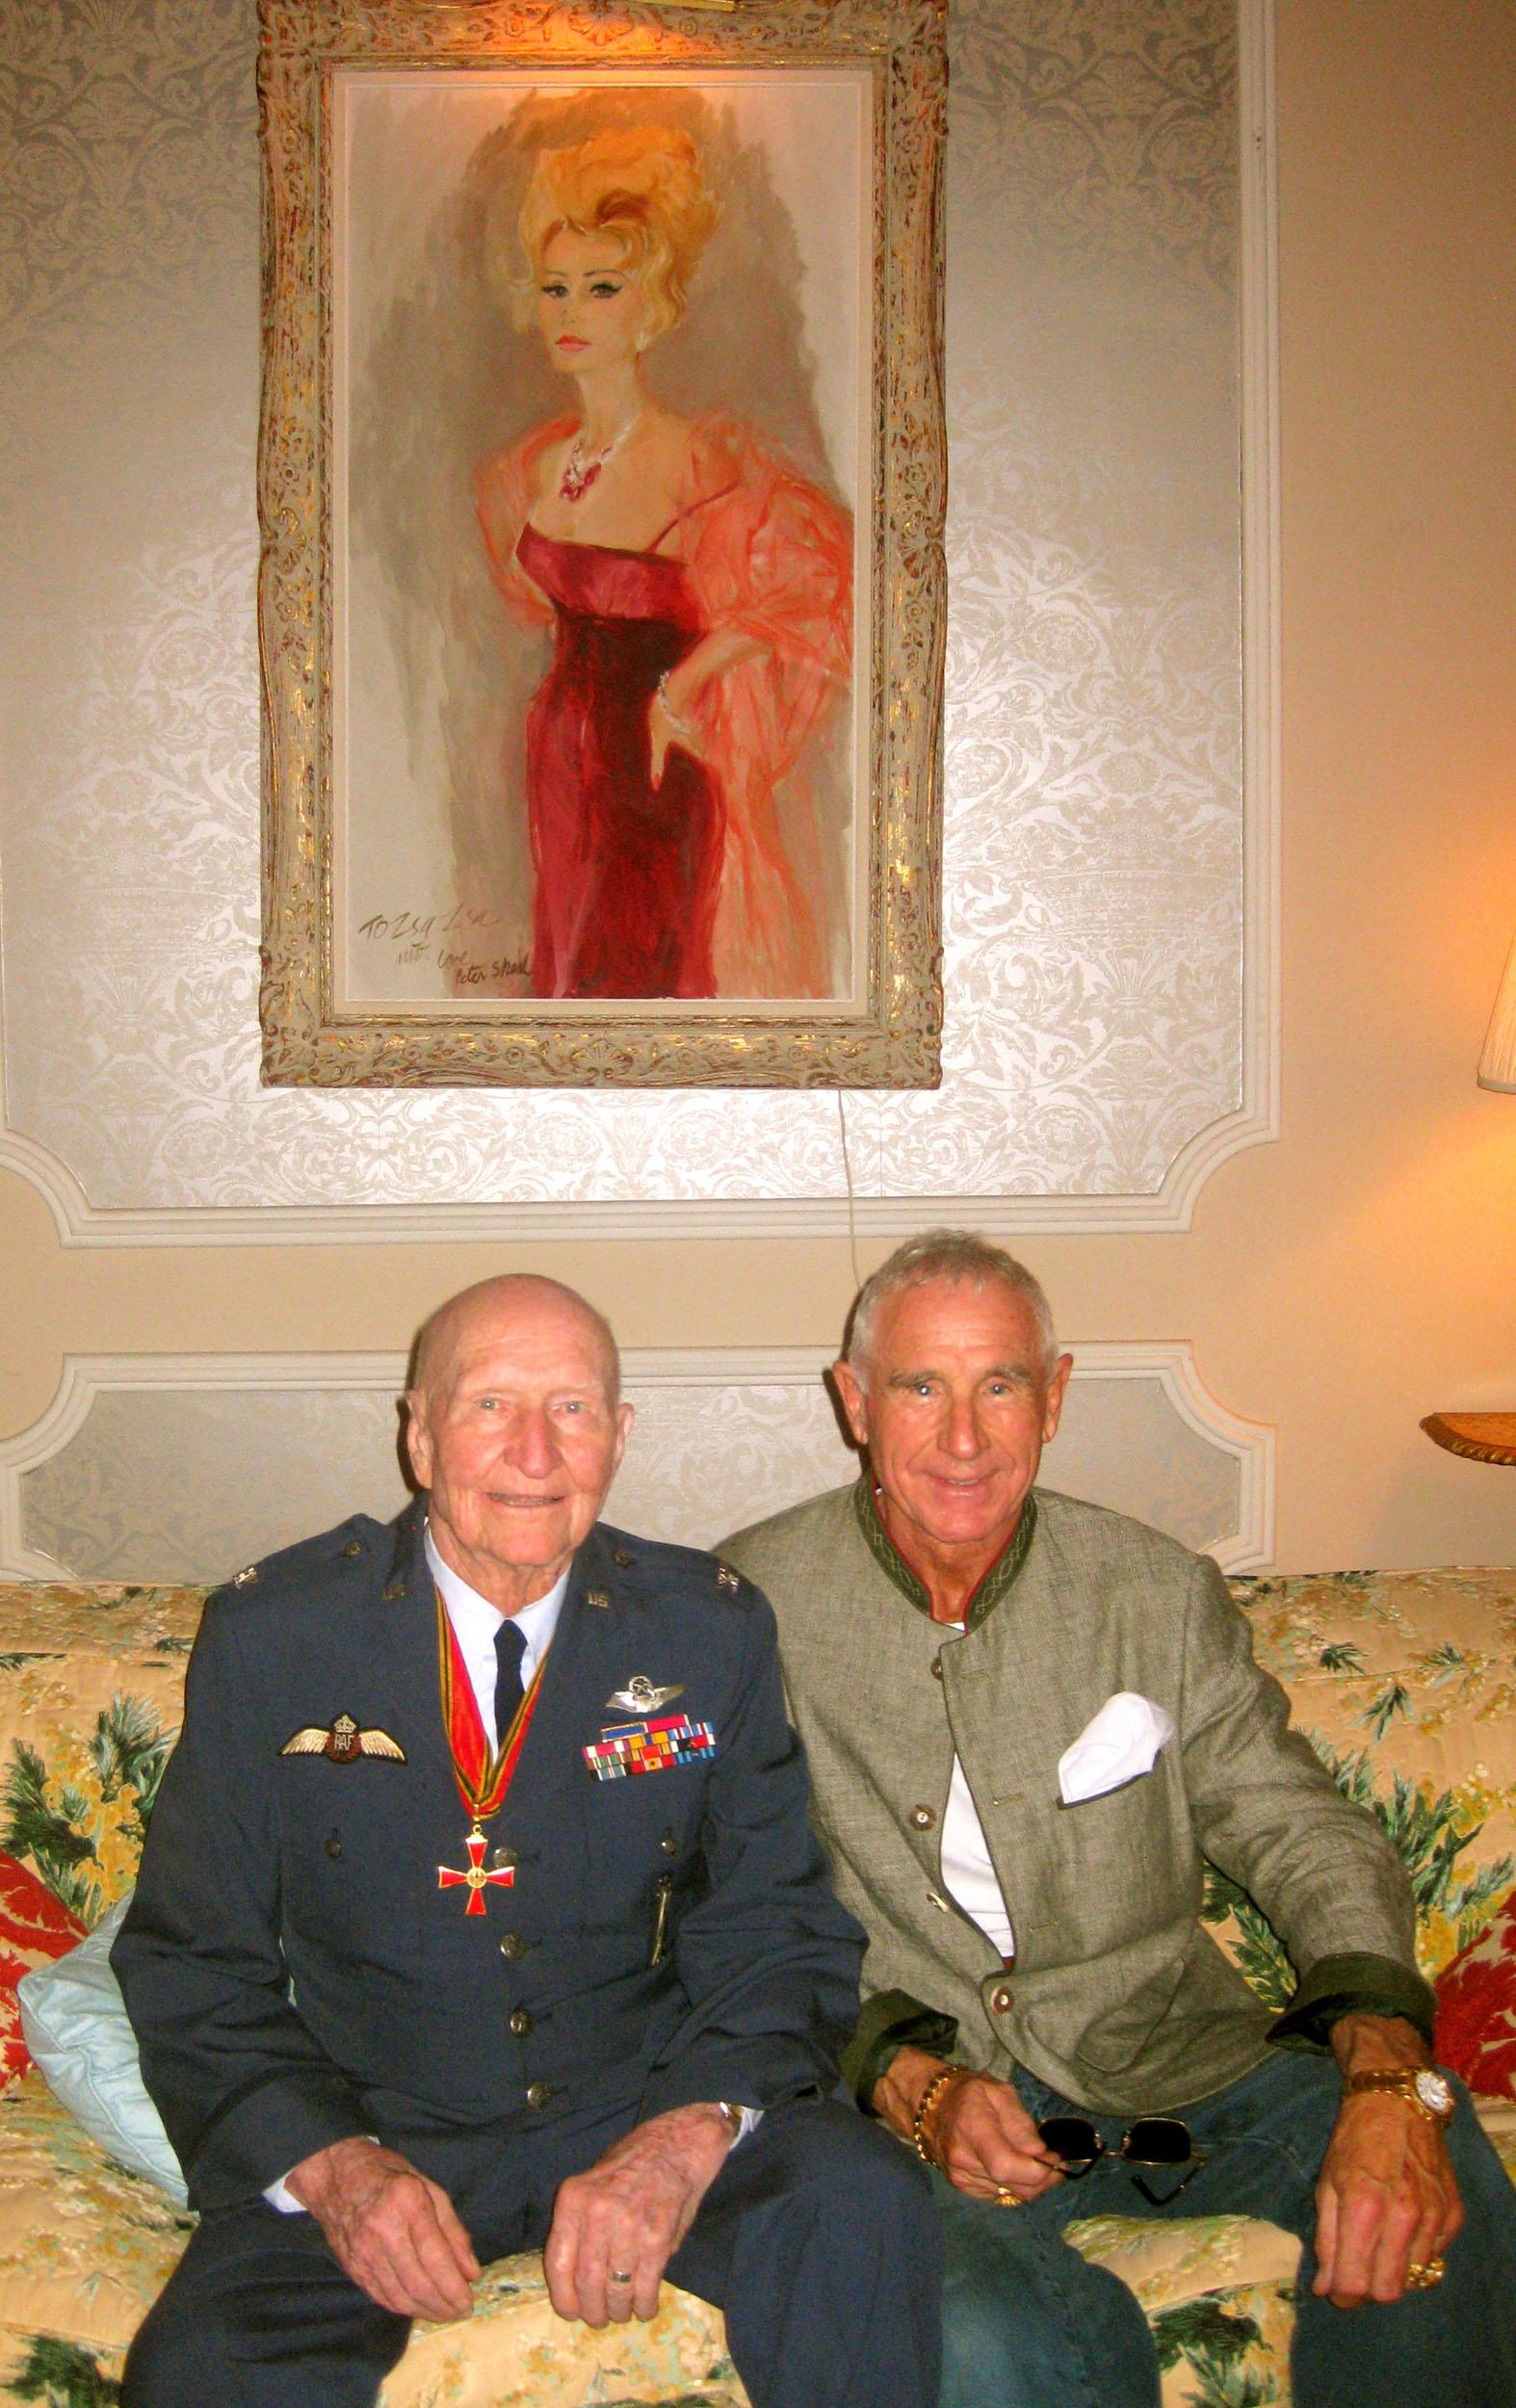 Colonel Gail Halvorsen with Prince Frederic von Anhalt under a portrait of Zsa Zsa Gabor